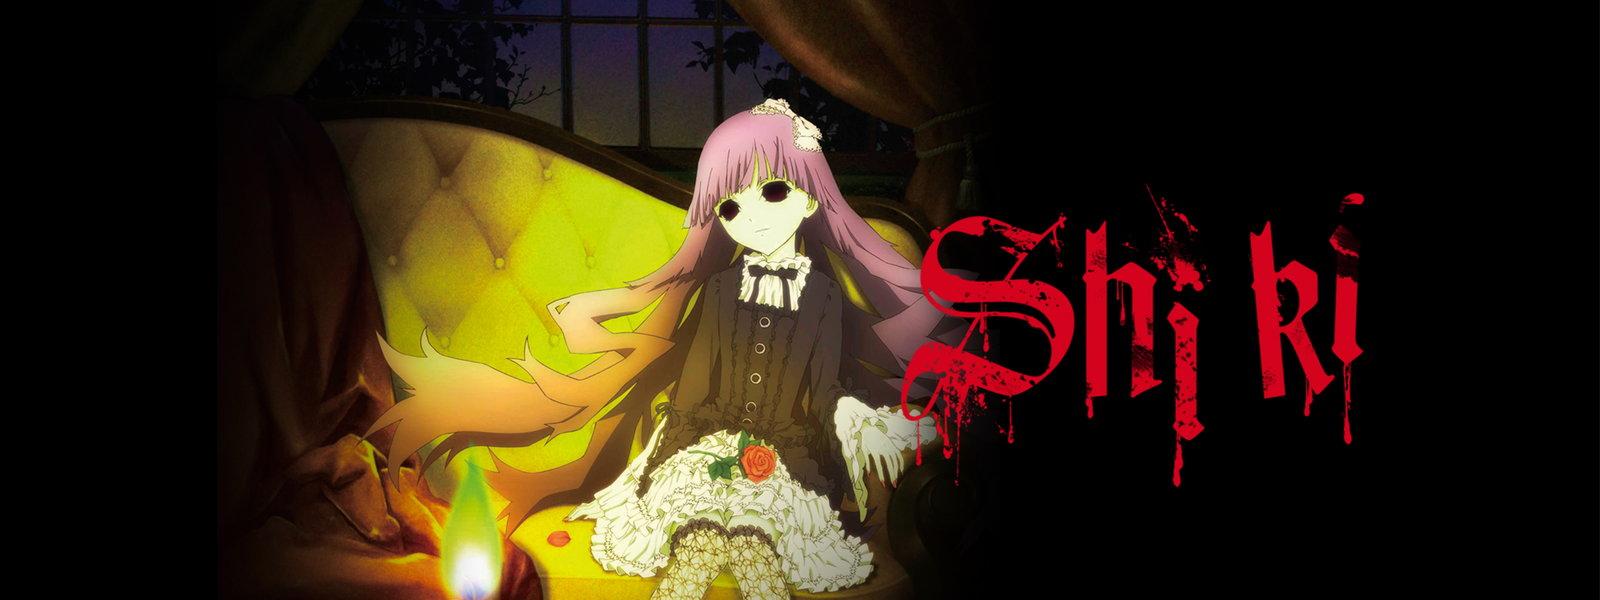 Shiki Cover image